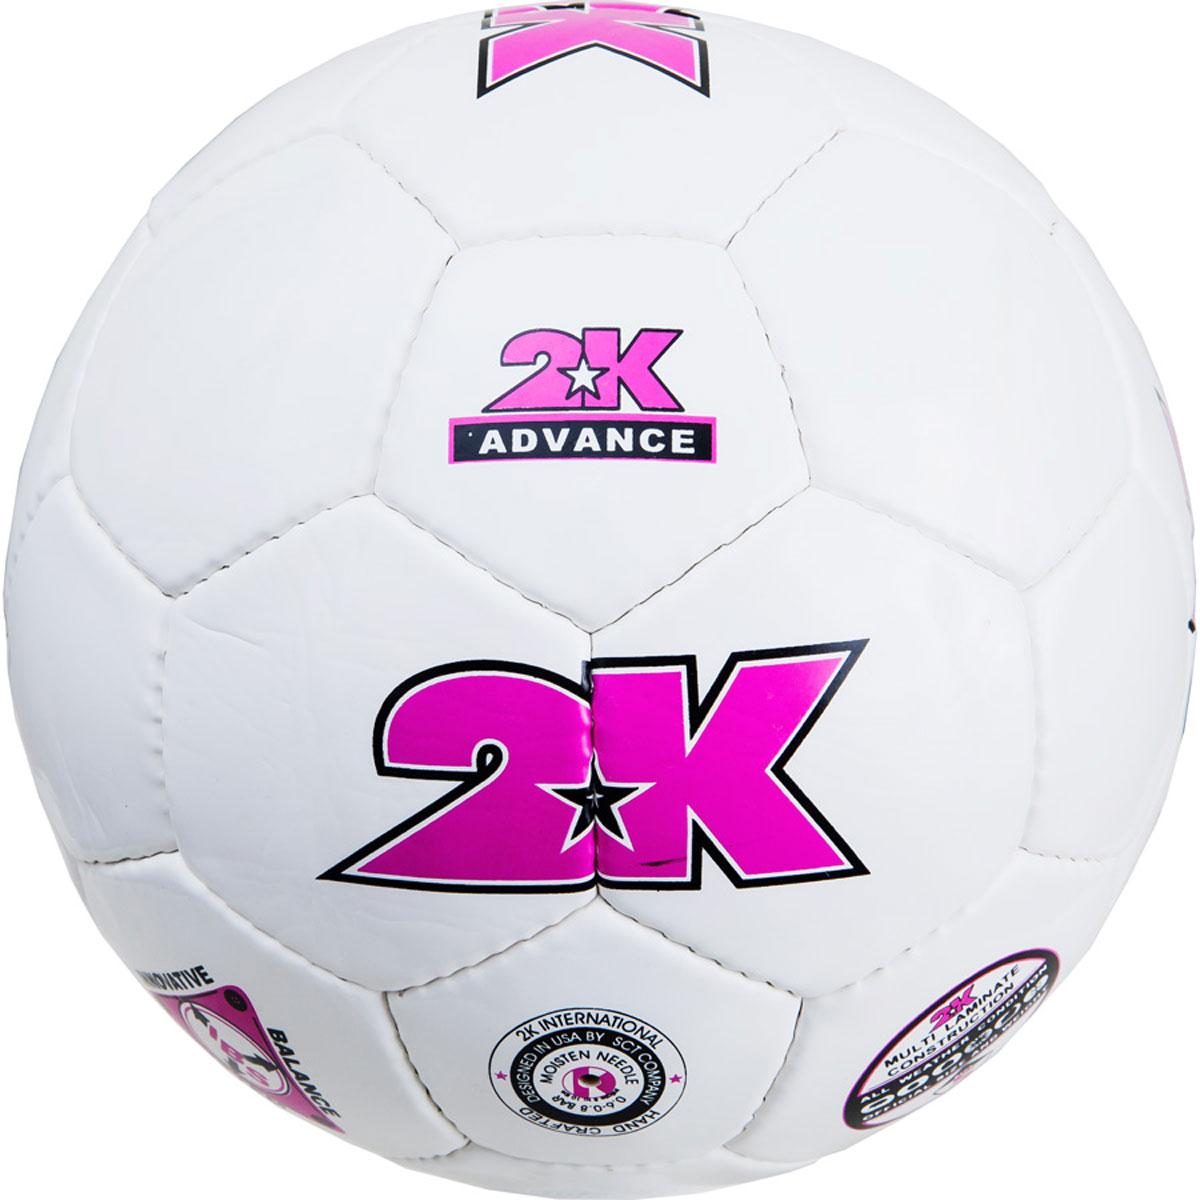 Мяч футбольный 2K Sport Advance, цвет: белый, фиолетовый. Размер 3BFB-301 dark blueЛюбительский футбольный мяч 2K Sport Advance изготовлен из полиуретана. Бесшовная камера выполнена из натурального латекса. Сшивка производилась вручную. Швы проклеены для герметизации.